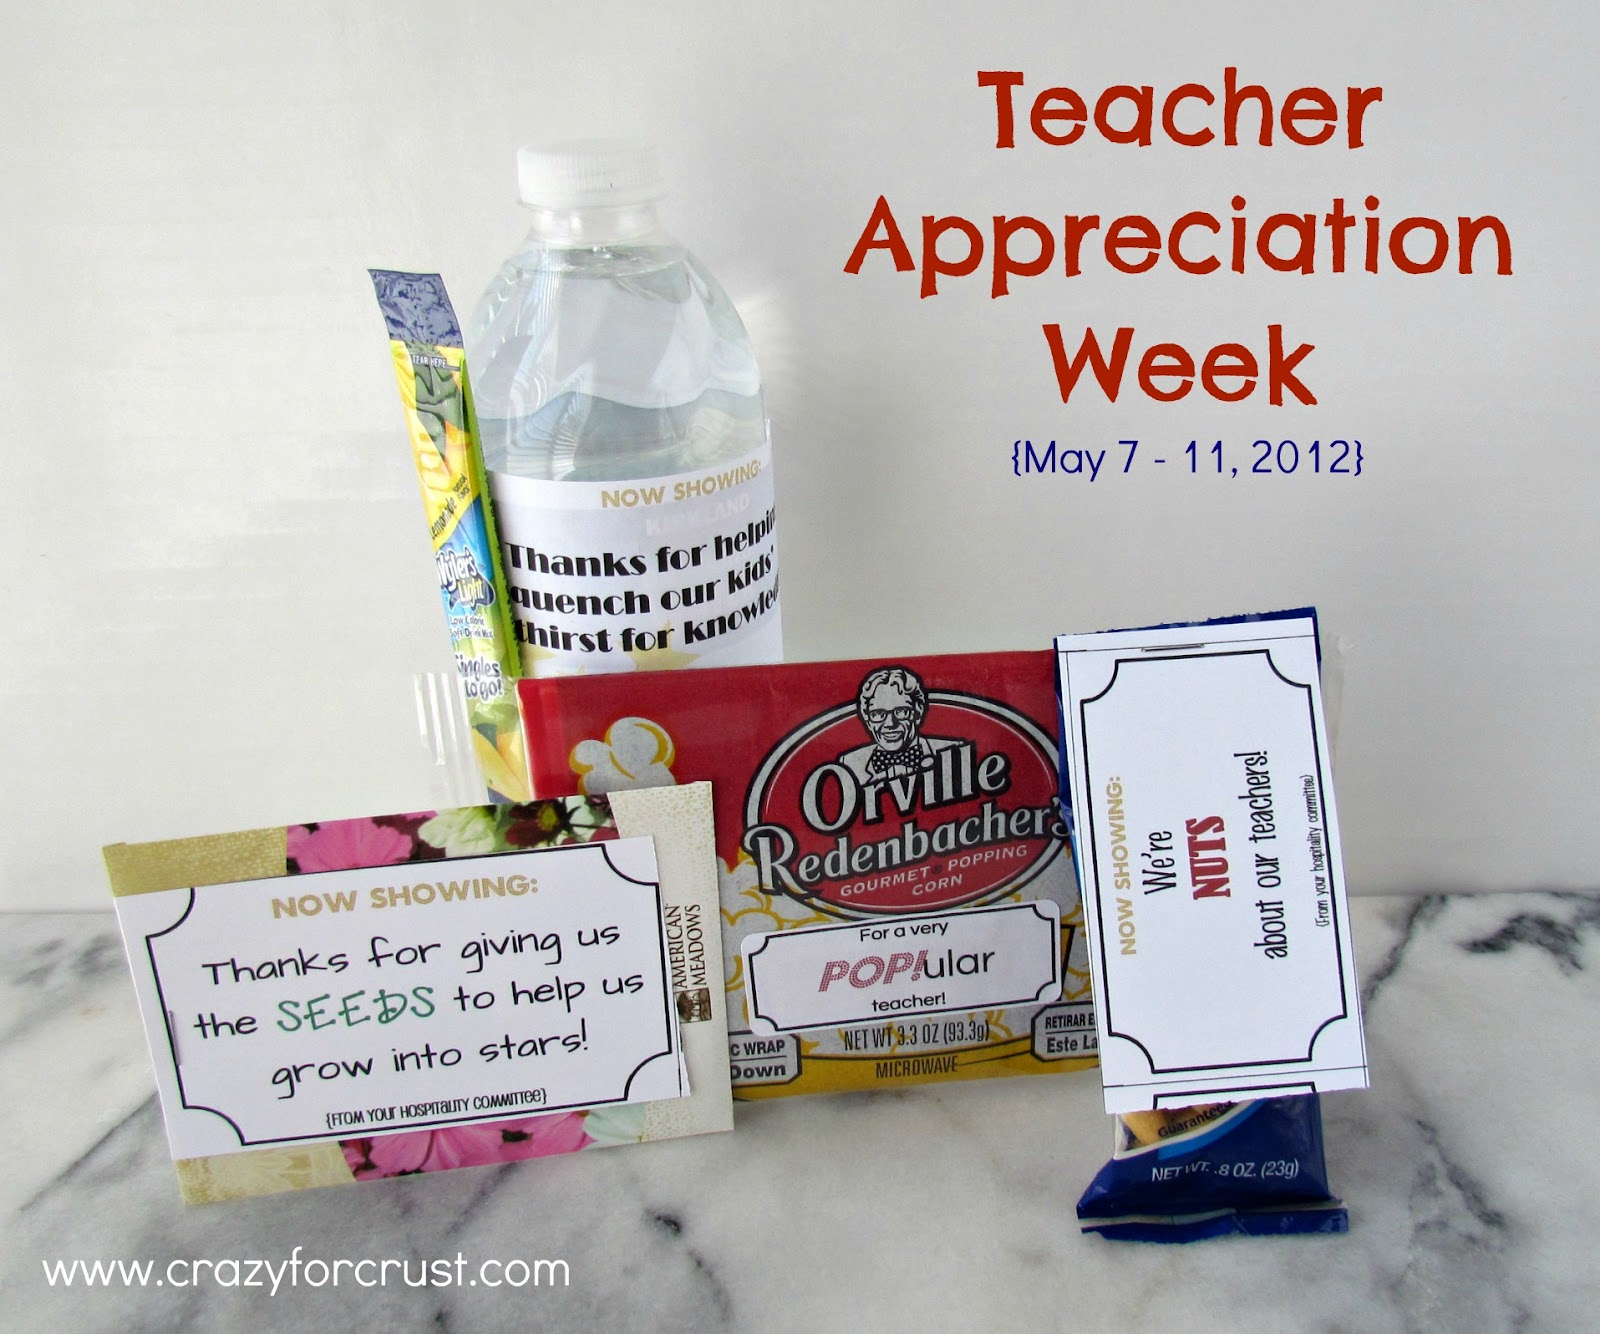 Teacher Appreciation Ideas (Free Printables) - Crazy for Crust